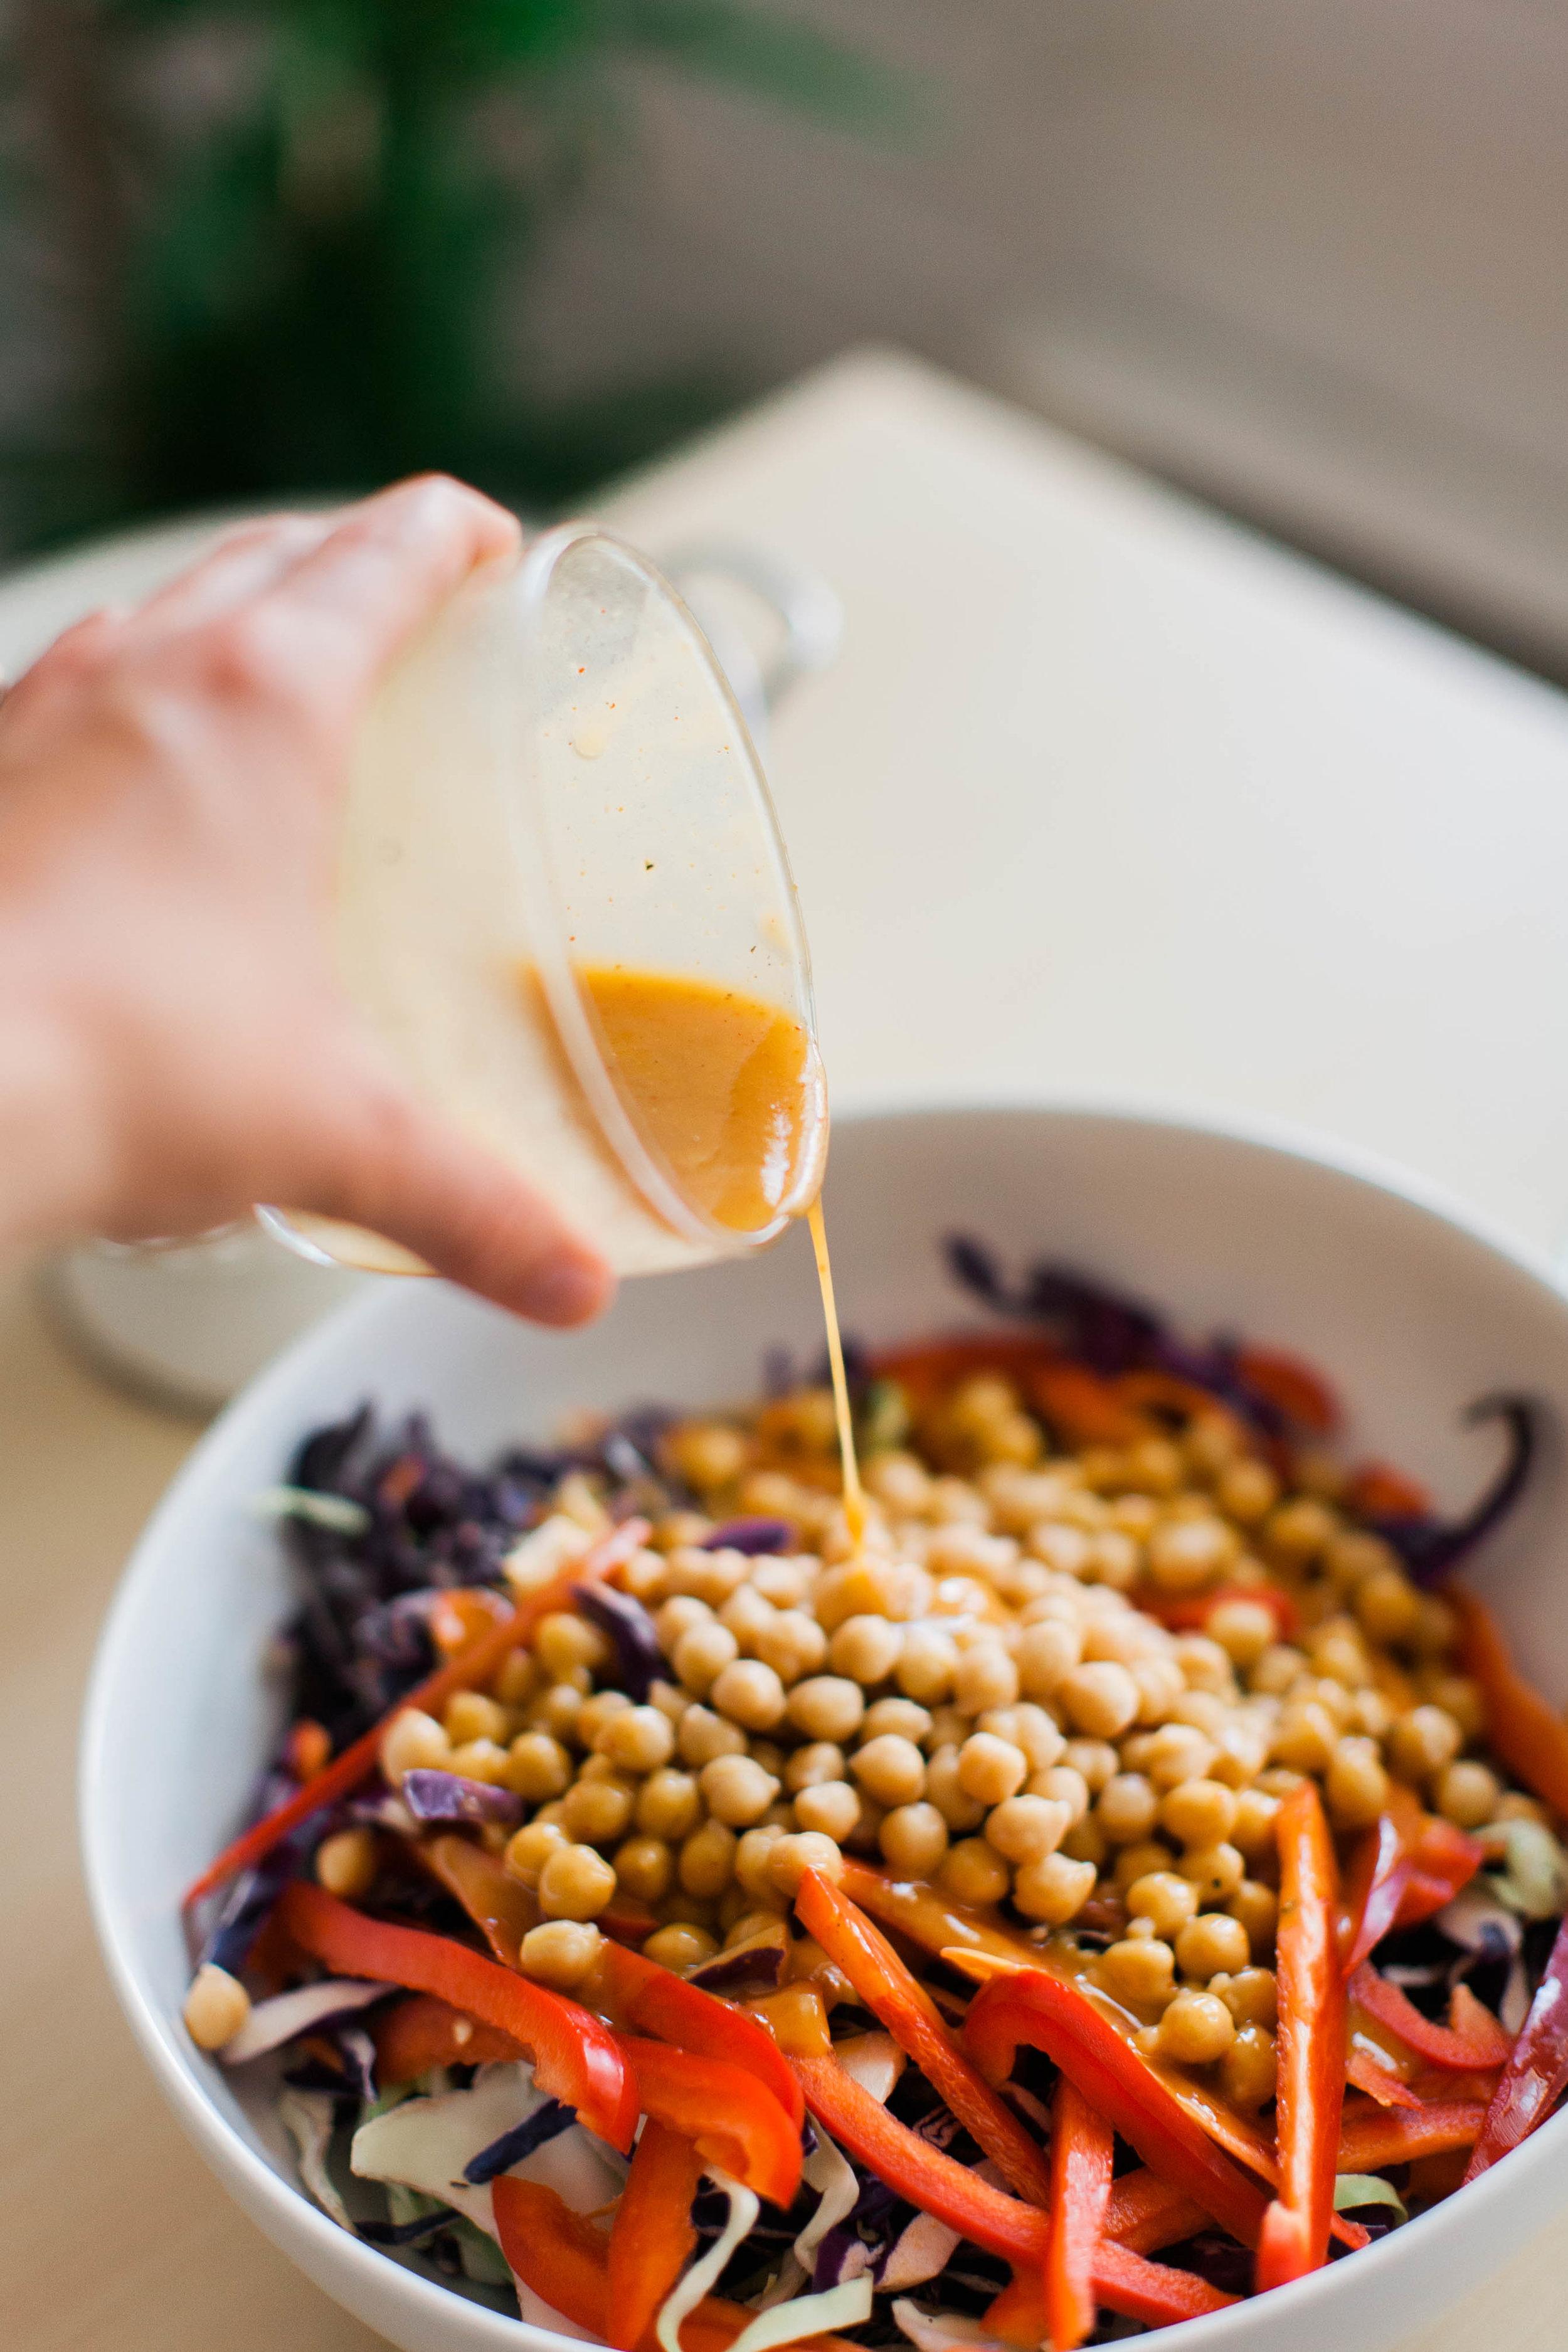 jennahazelphotography-thai-peanut-salad-with-chickpeas-0696.jpg